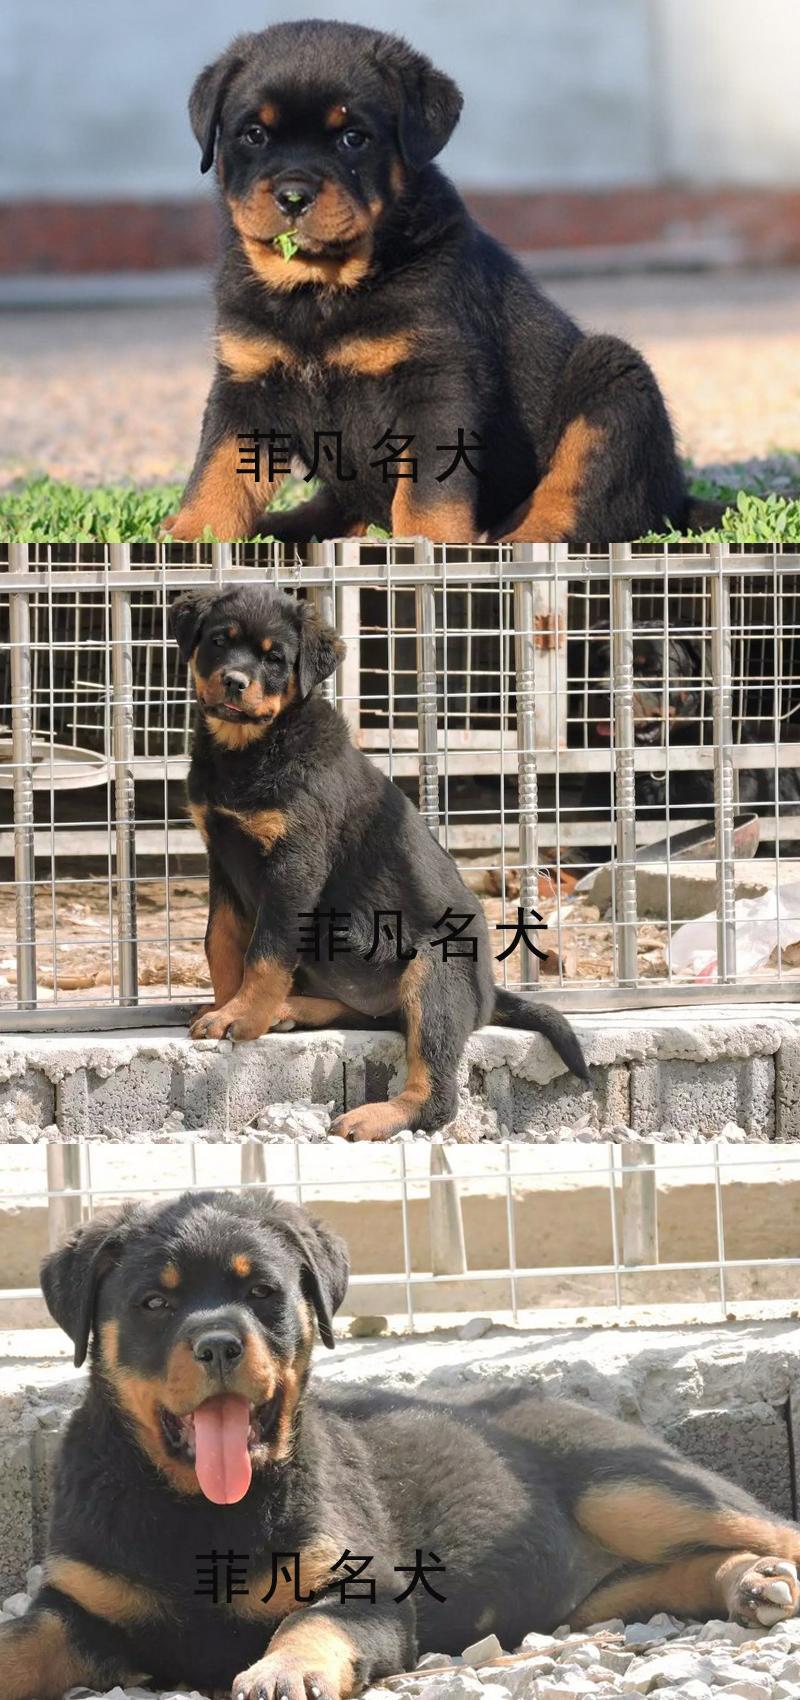 赛级双血统,专业繁殖罗威纳,签购犬协议,质保终生6